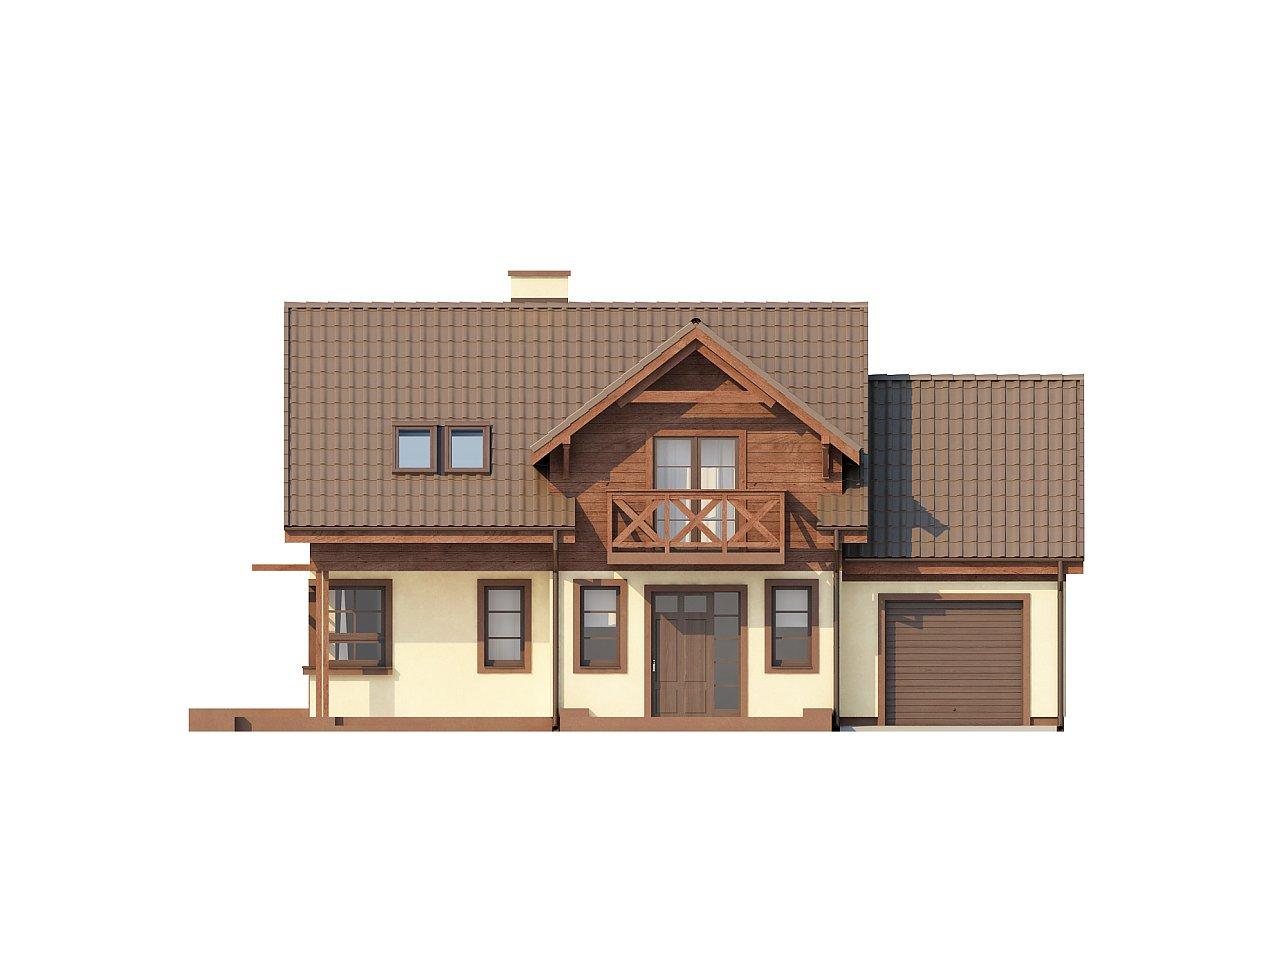 Практичный дом с гаражом, с красивым мансардным окном и боковой террасой. 3